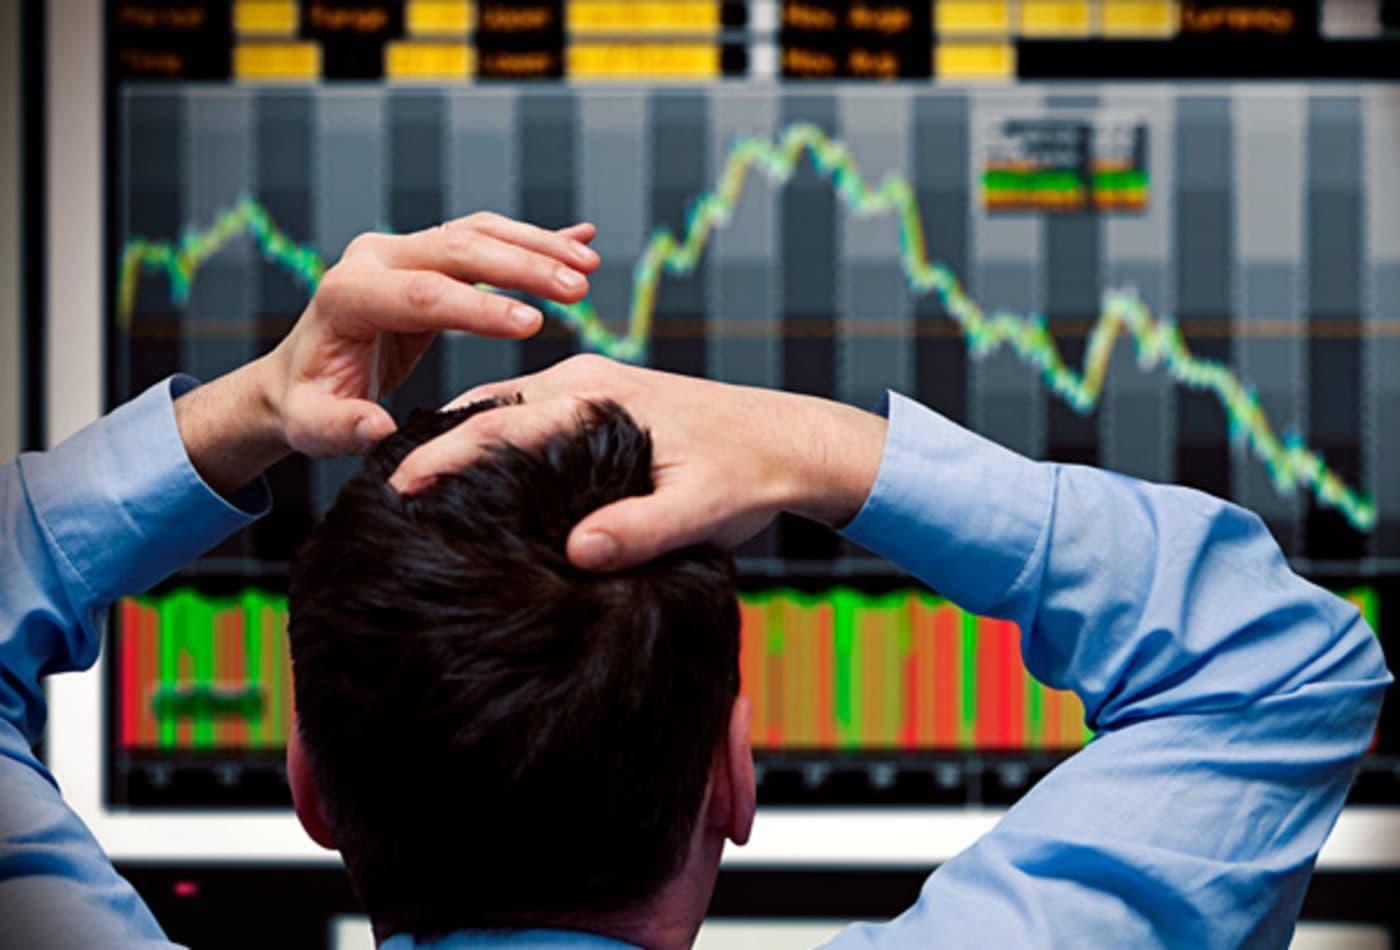 week-in-review-041312-market-buyout-selloff.jpg